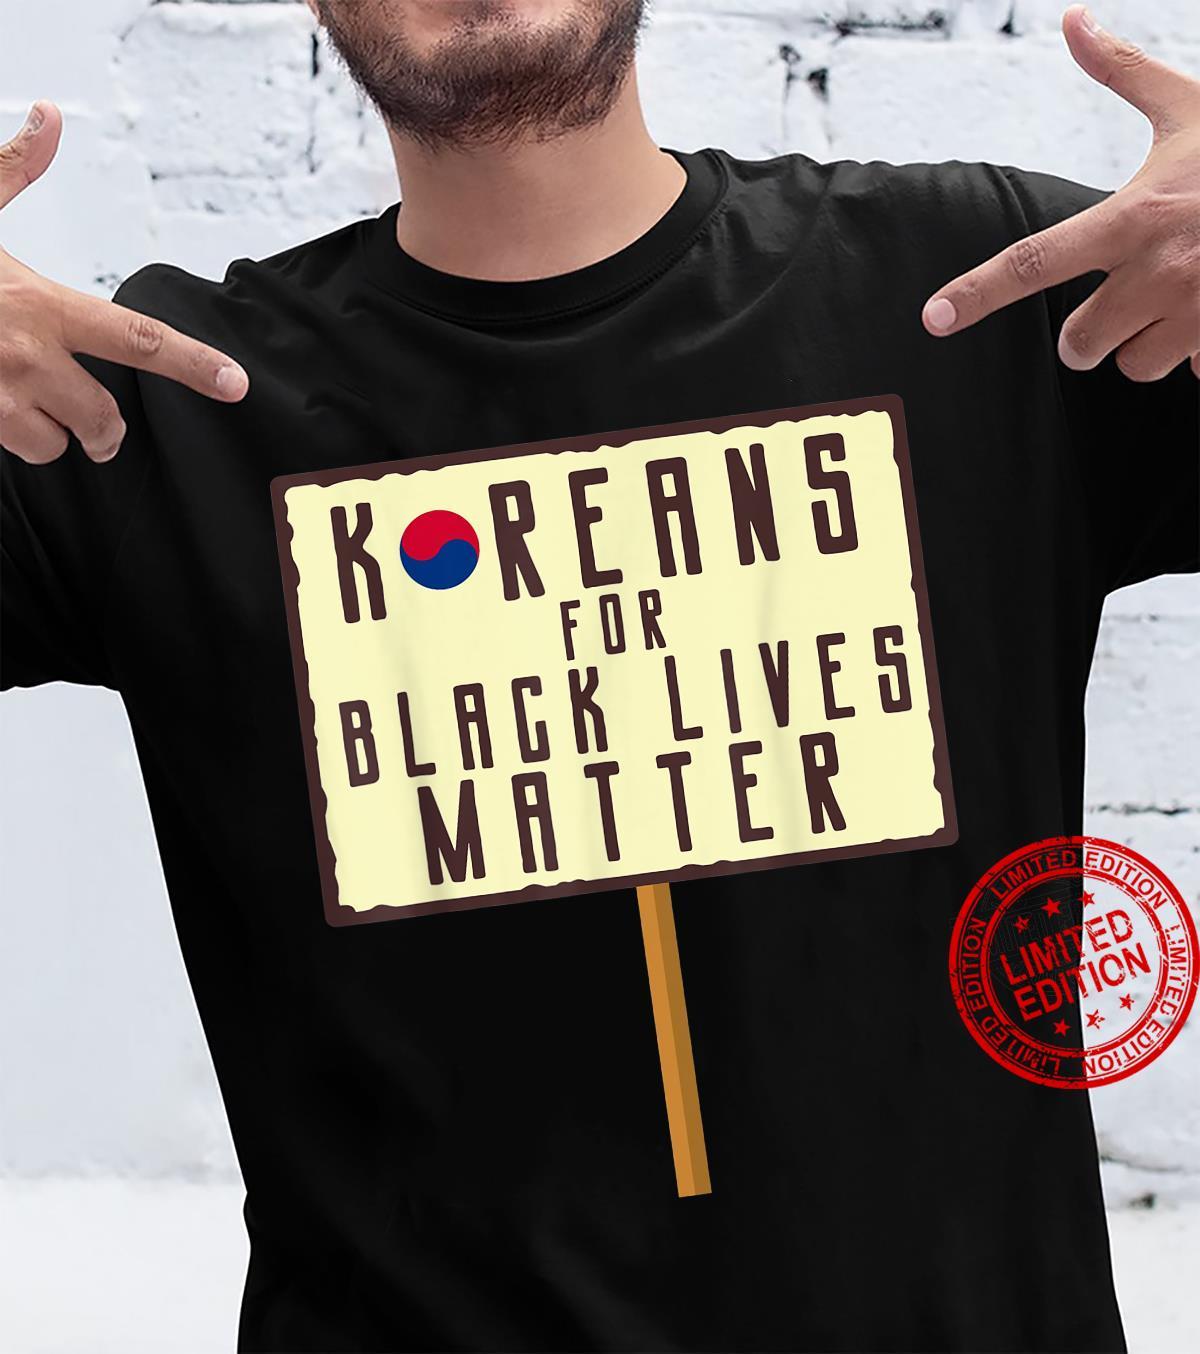 Koreans For Black Lives Matter Shirt